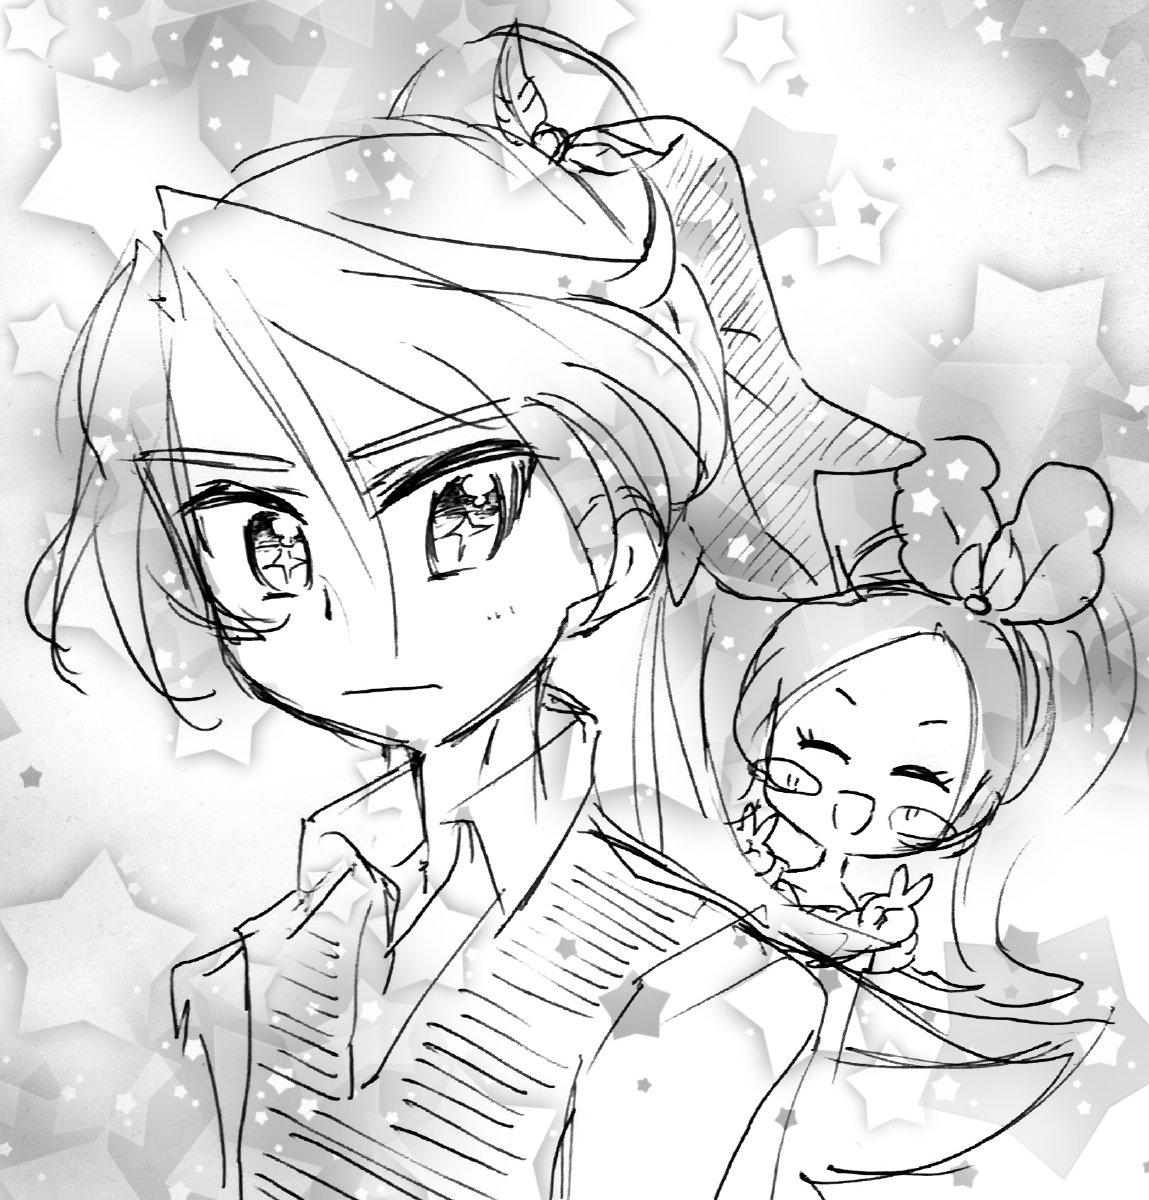 はるる*9/29レイフレE39 (@harururu425)さんのイラスト